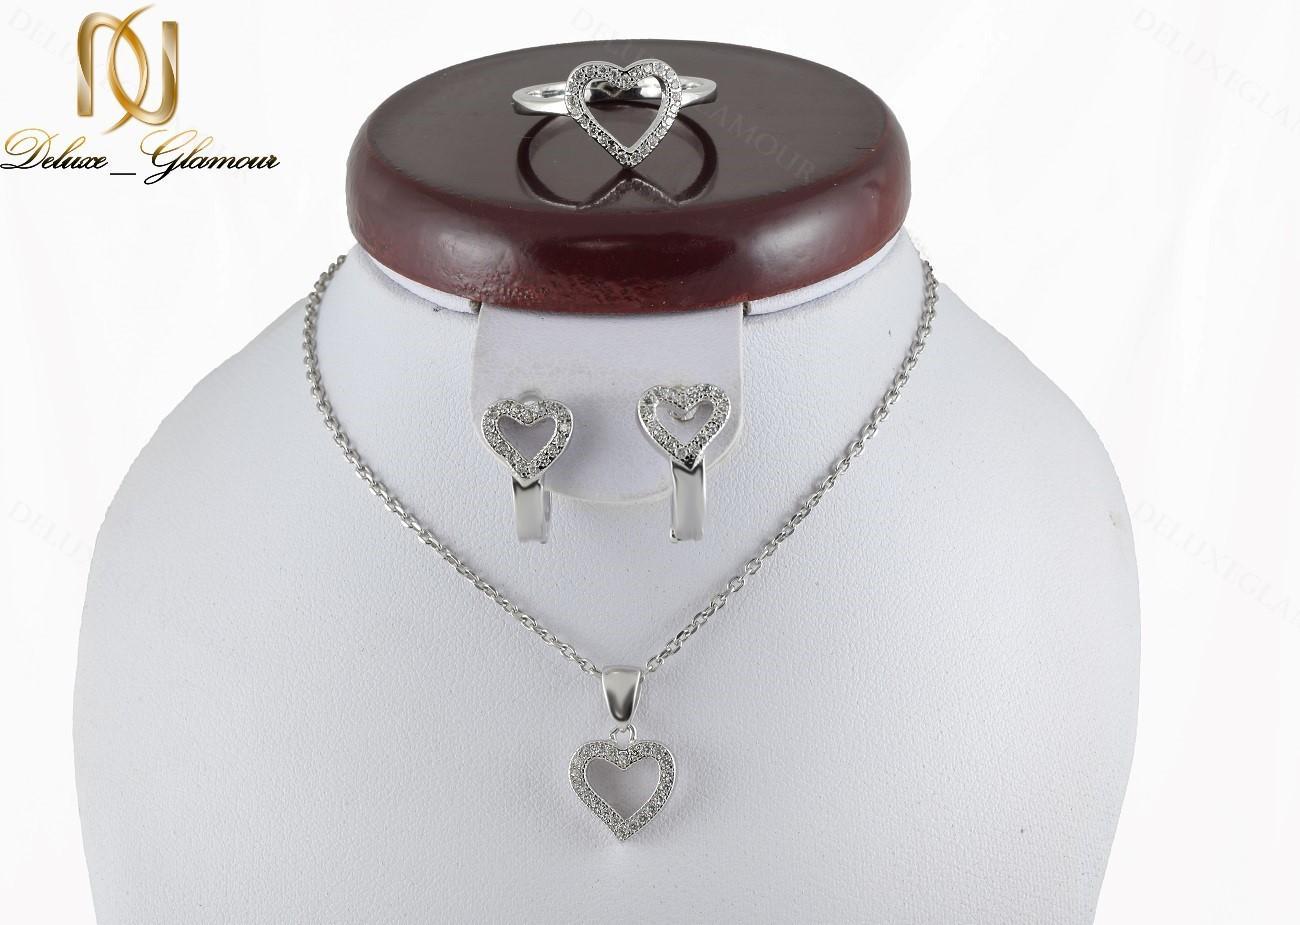 سرویس طرح قلب نقره دخترانه با برلیان اتمی اصل Se-n135 - عکس اصلی